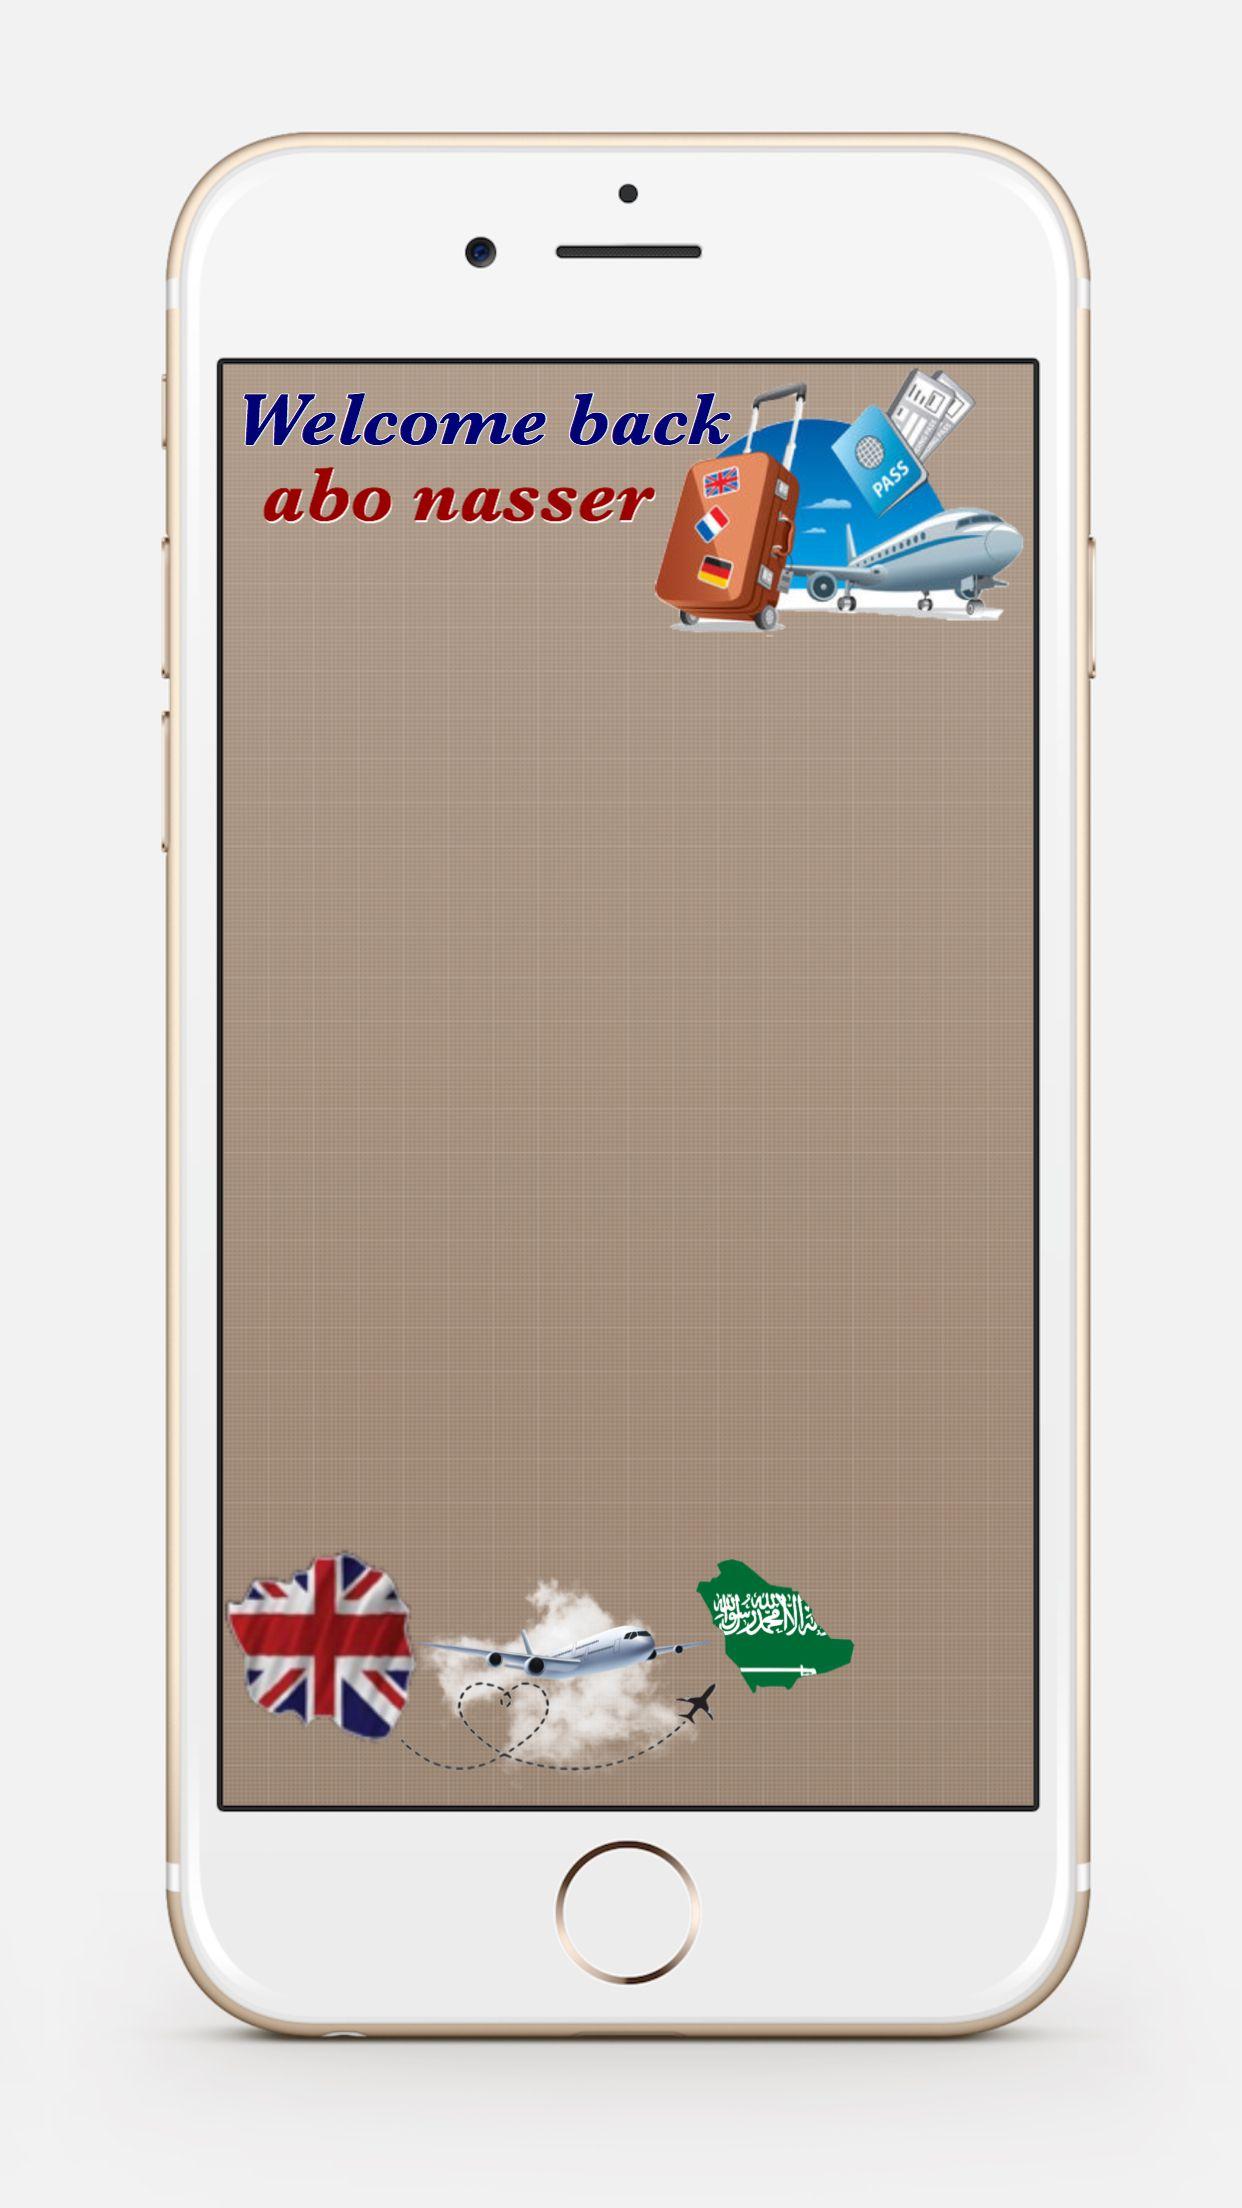 تصميم فلاتر سناب حياكم انستقرام A A F 55 سكرابز سناب Bday Electronic Products Phone